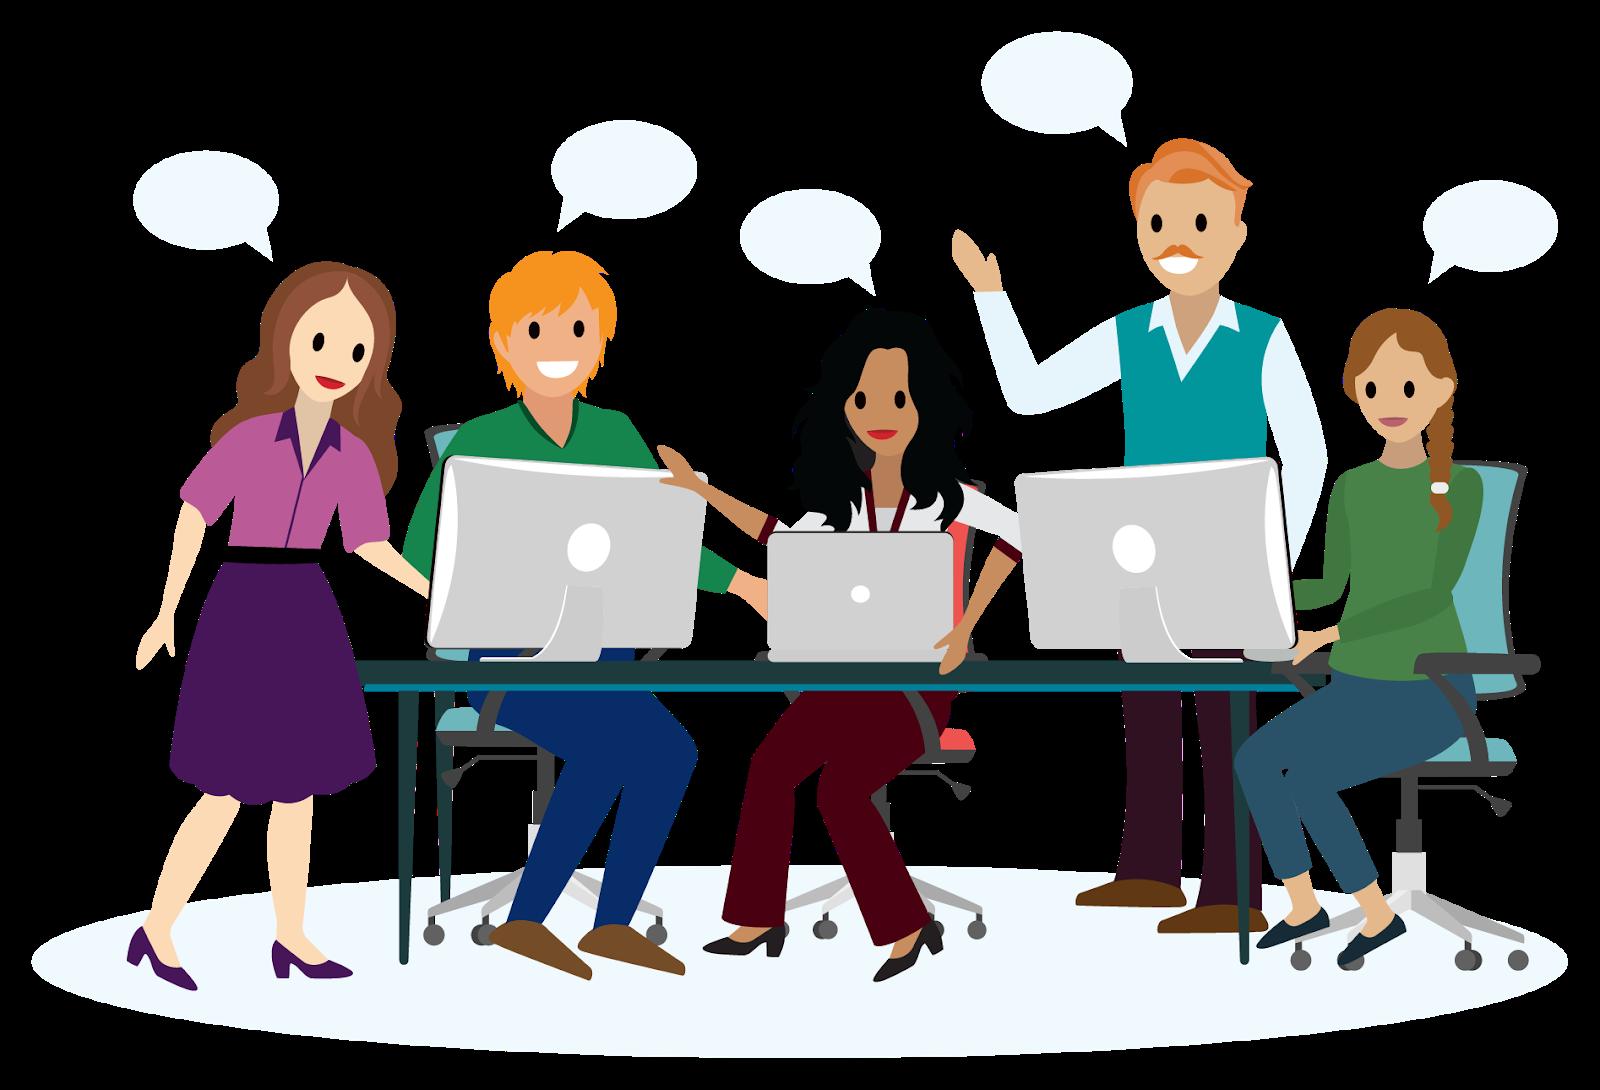 Grupo de 5 pessoas que têm uma discussão dinâmica em grupo ao redor dos computadores.